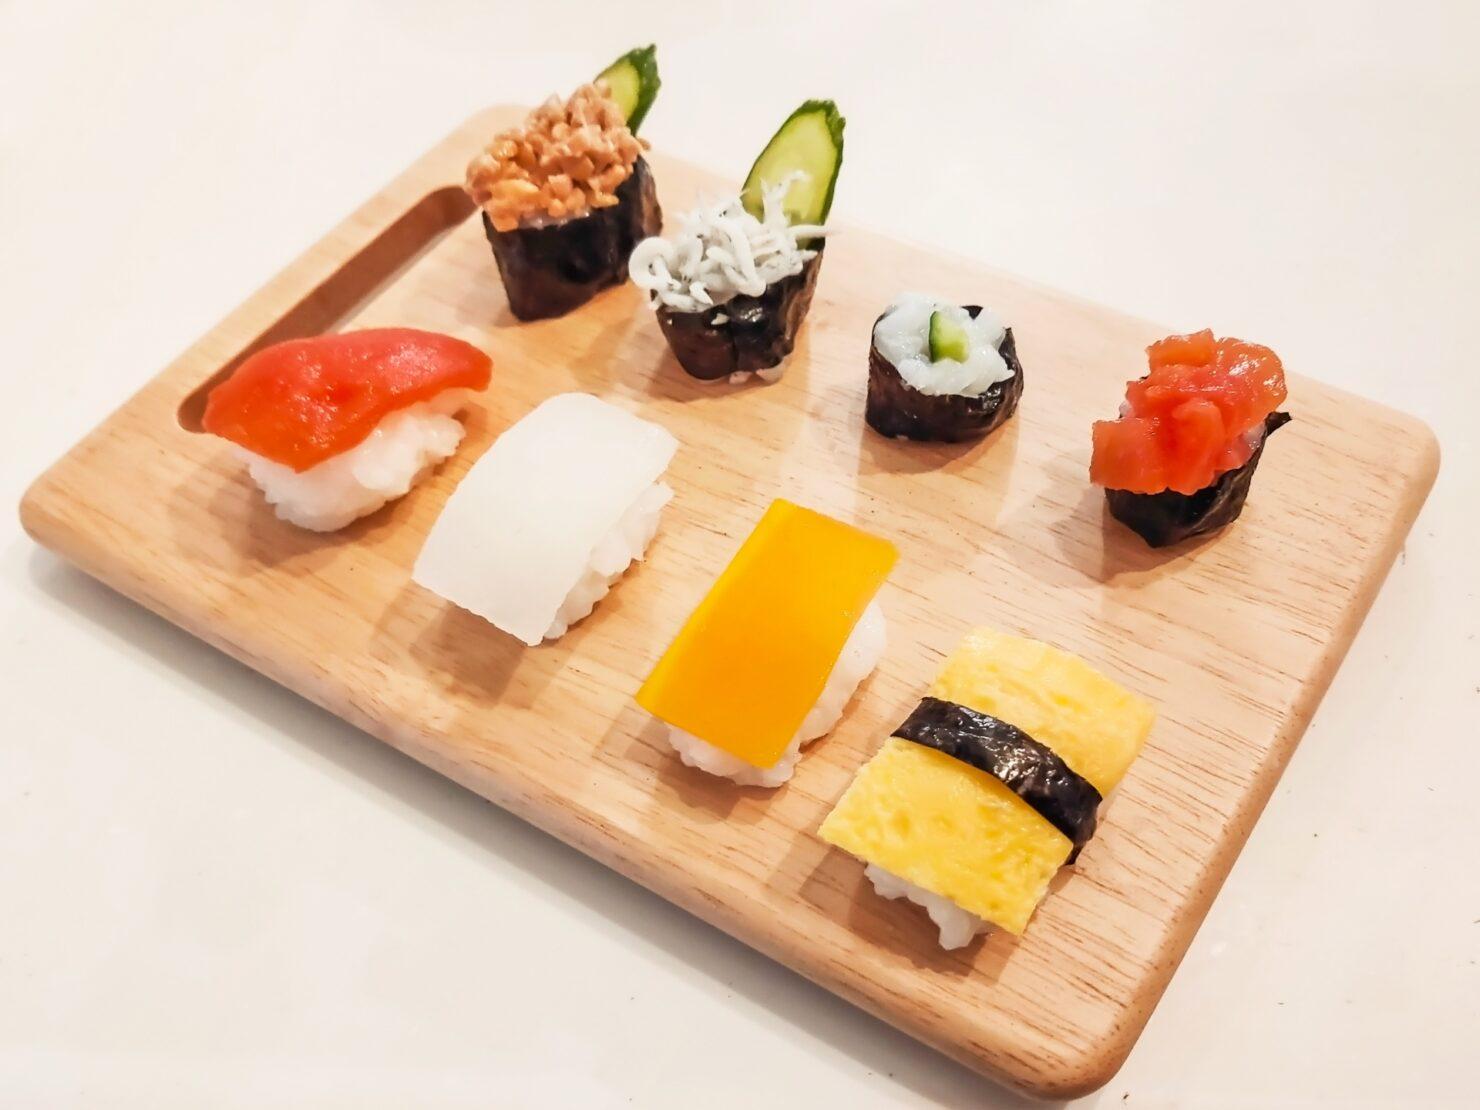 1歳の誕生日のご飯はどうする? インスタで話題の「赤ちゃん寿司」がおすすめ